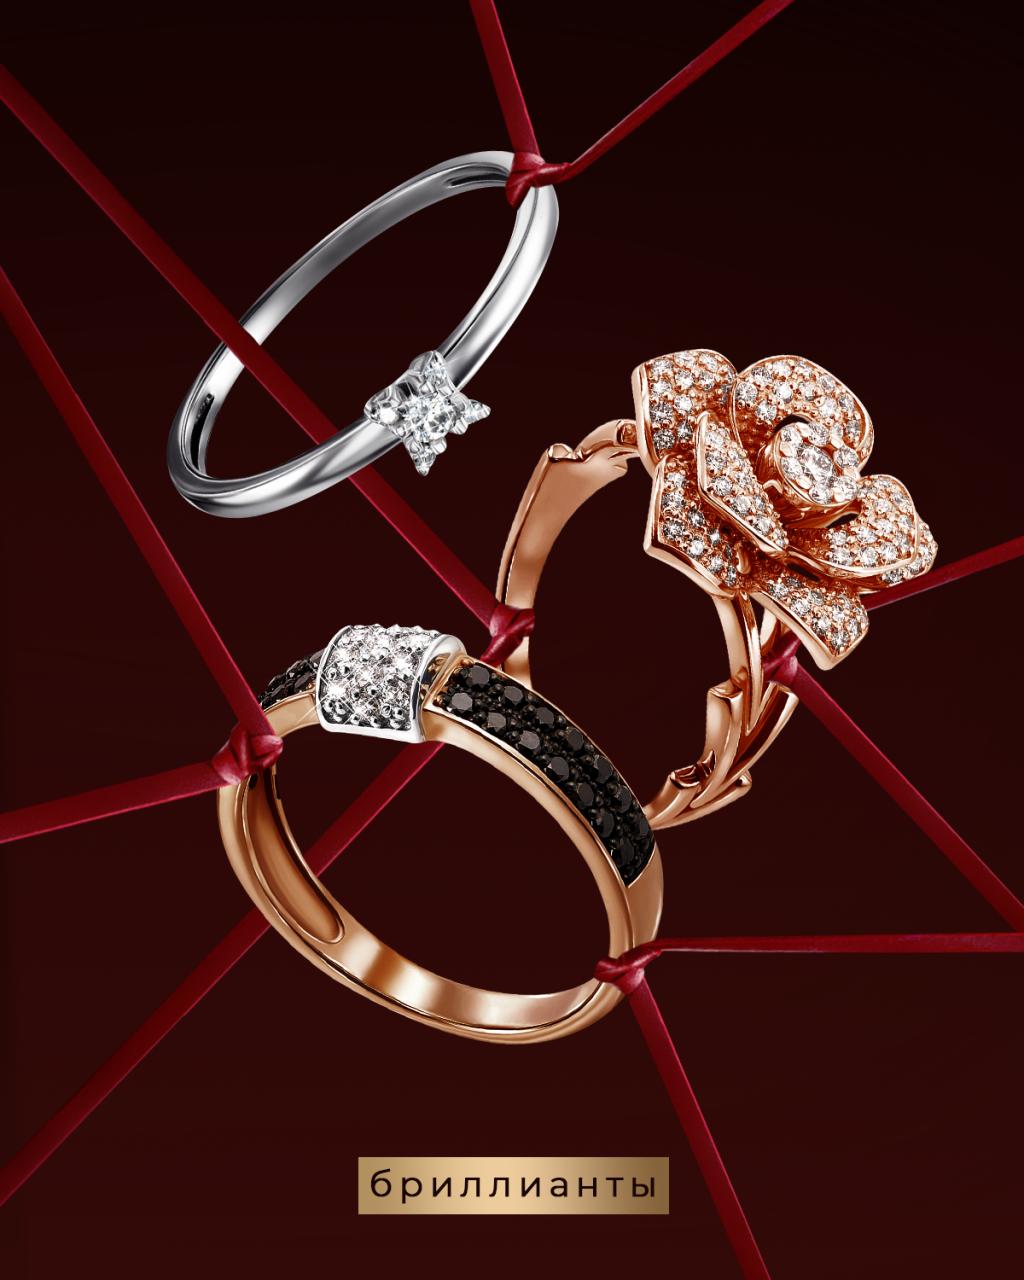 Кольца золотые с бриллиантами